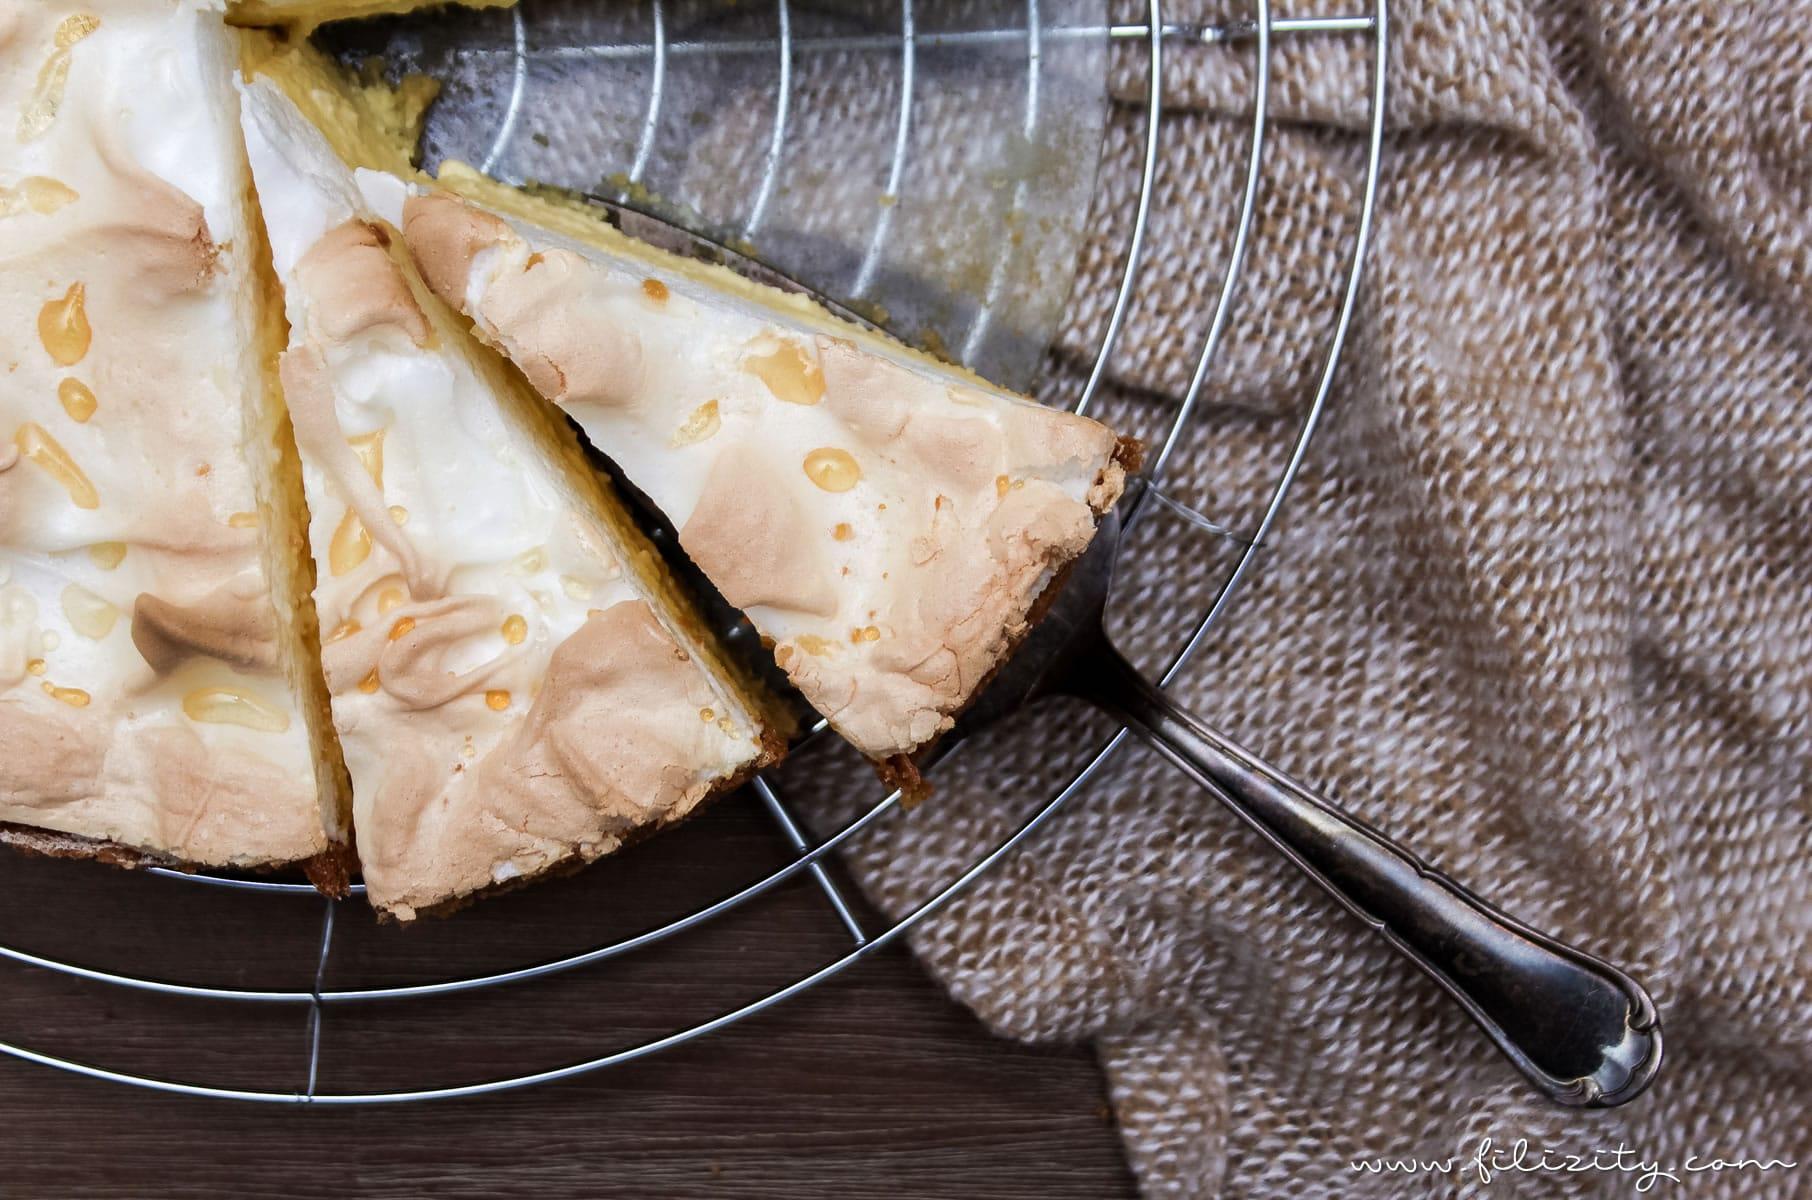 Rezept: Tränchentorte - Käsekuchen mit Baiserhaube | Filizity.com | Food-Blog aus dem Rheinland #cheesecake